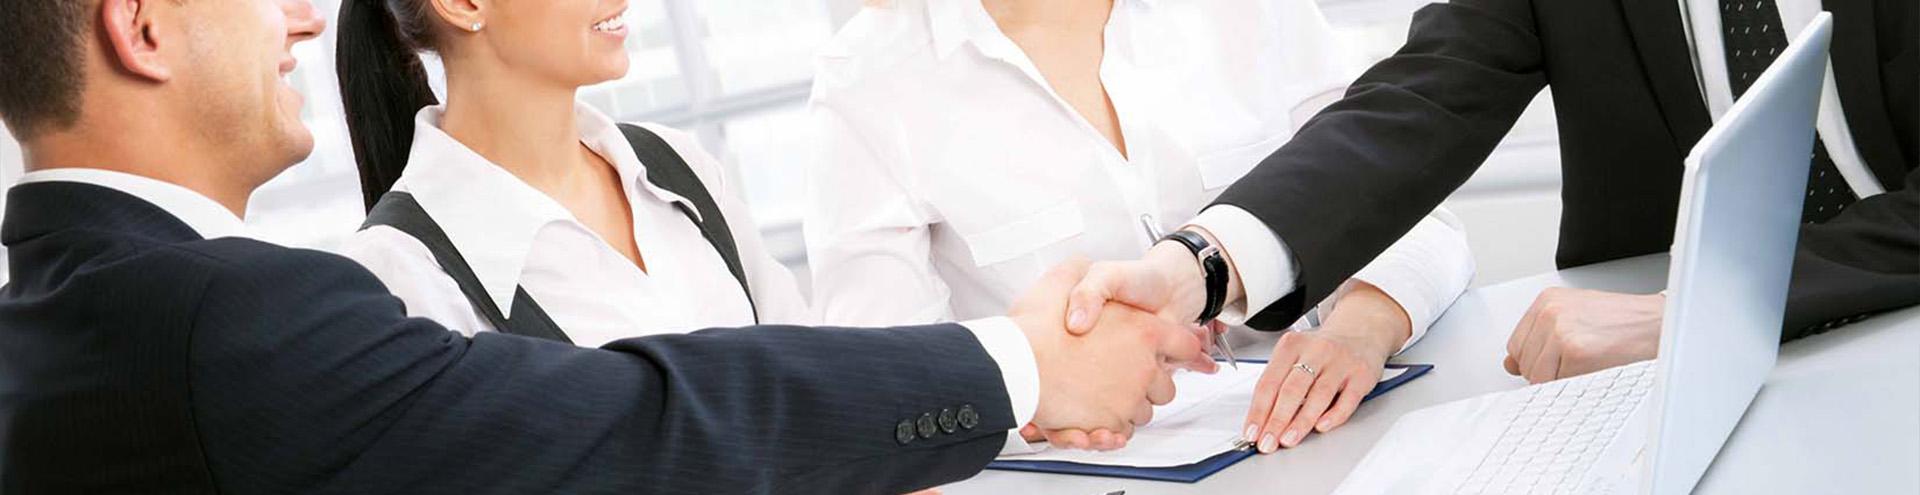 юридическое обслуживание физических лиц в Пензе и Пензенской области